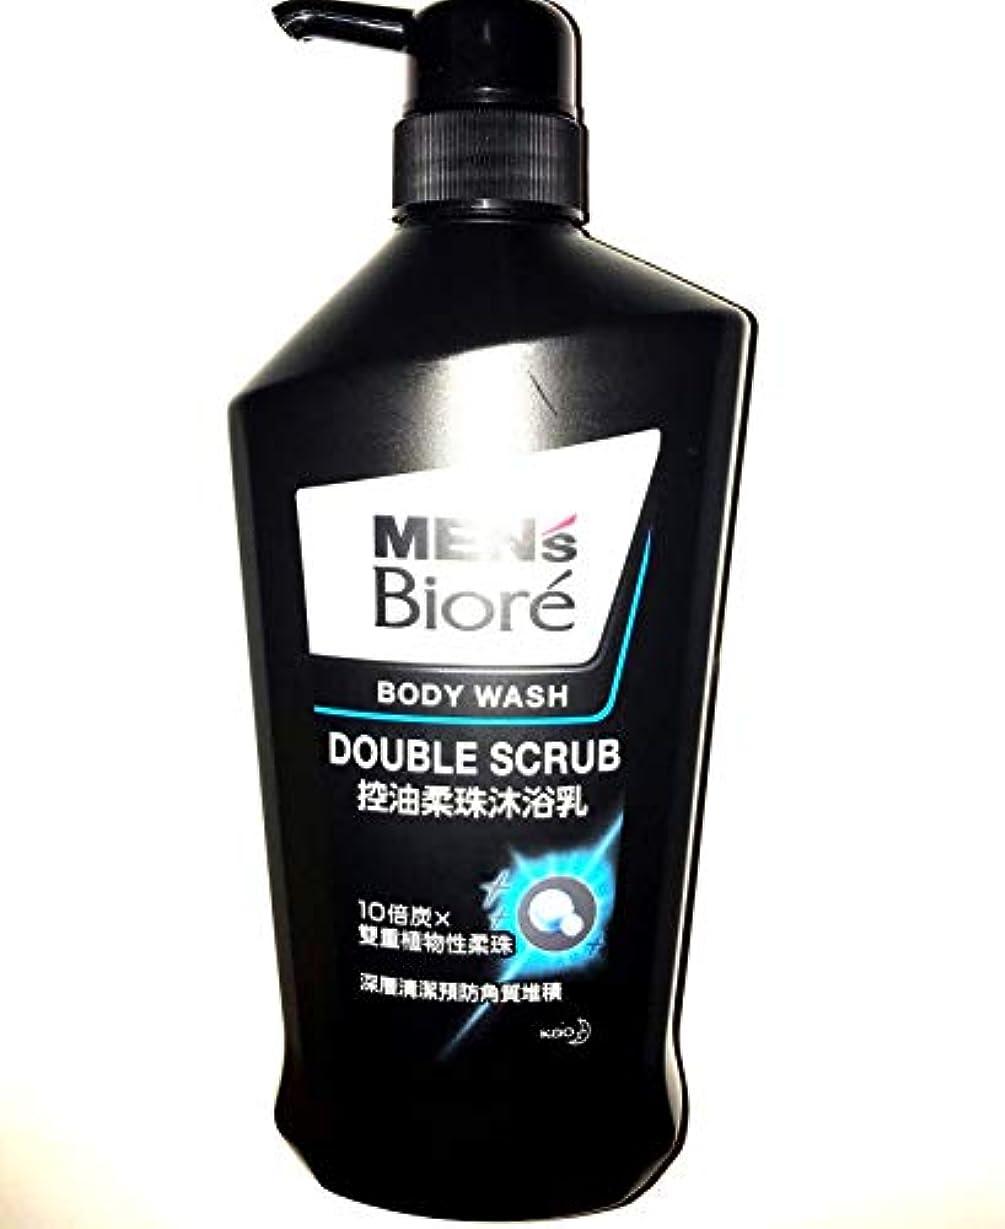 リーチボリューム鉛筆MEN's Biore メンズビオレ ダブルスクラブボディウォッシュ 750ml